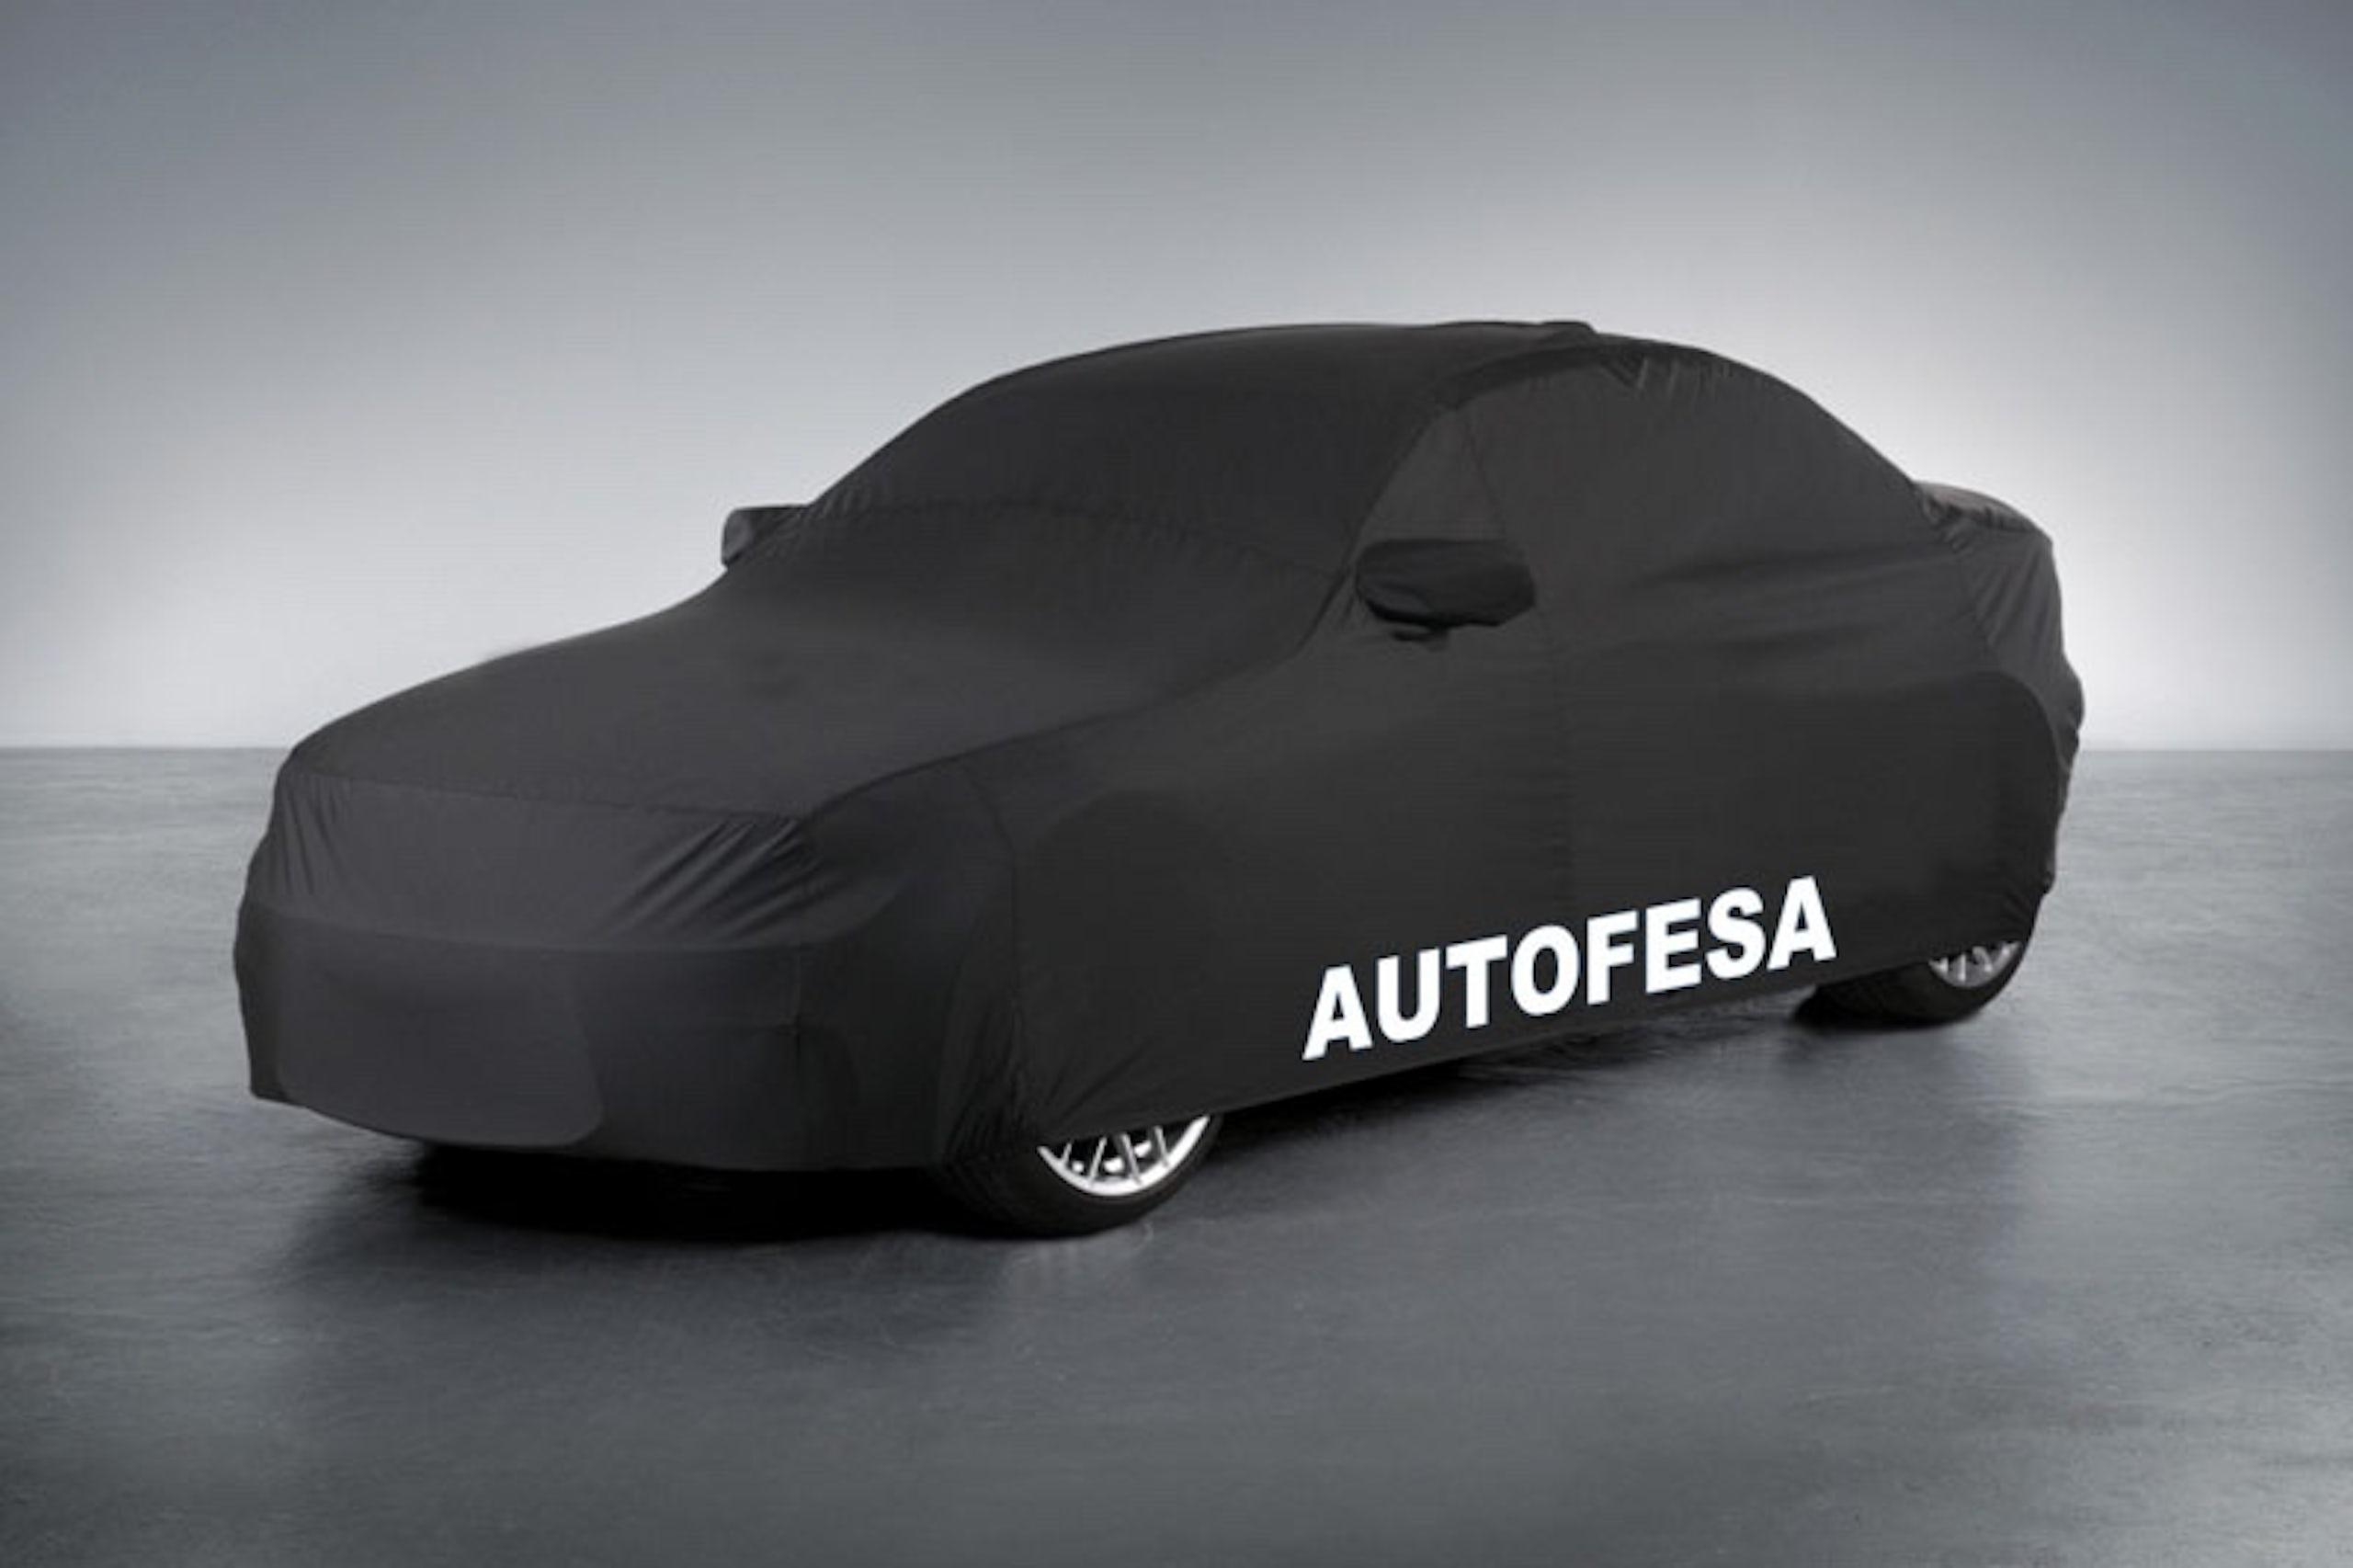 Fotos del Audi A4 Avant 2.0 TFSi 252cv quattro 5p AUTO Exterior 1